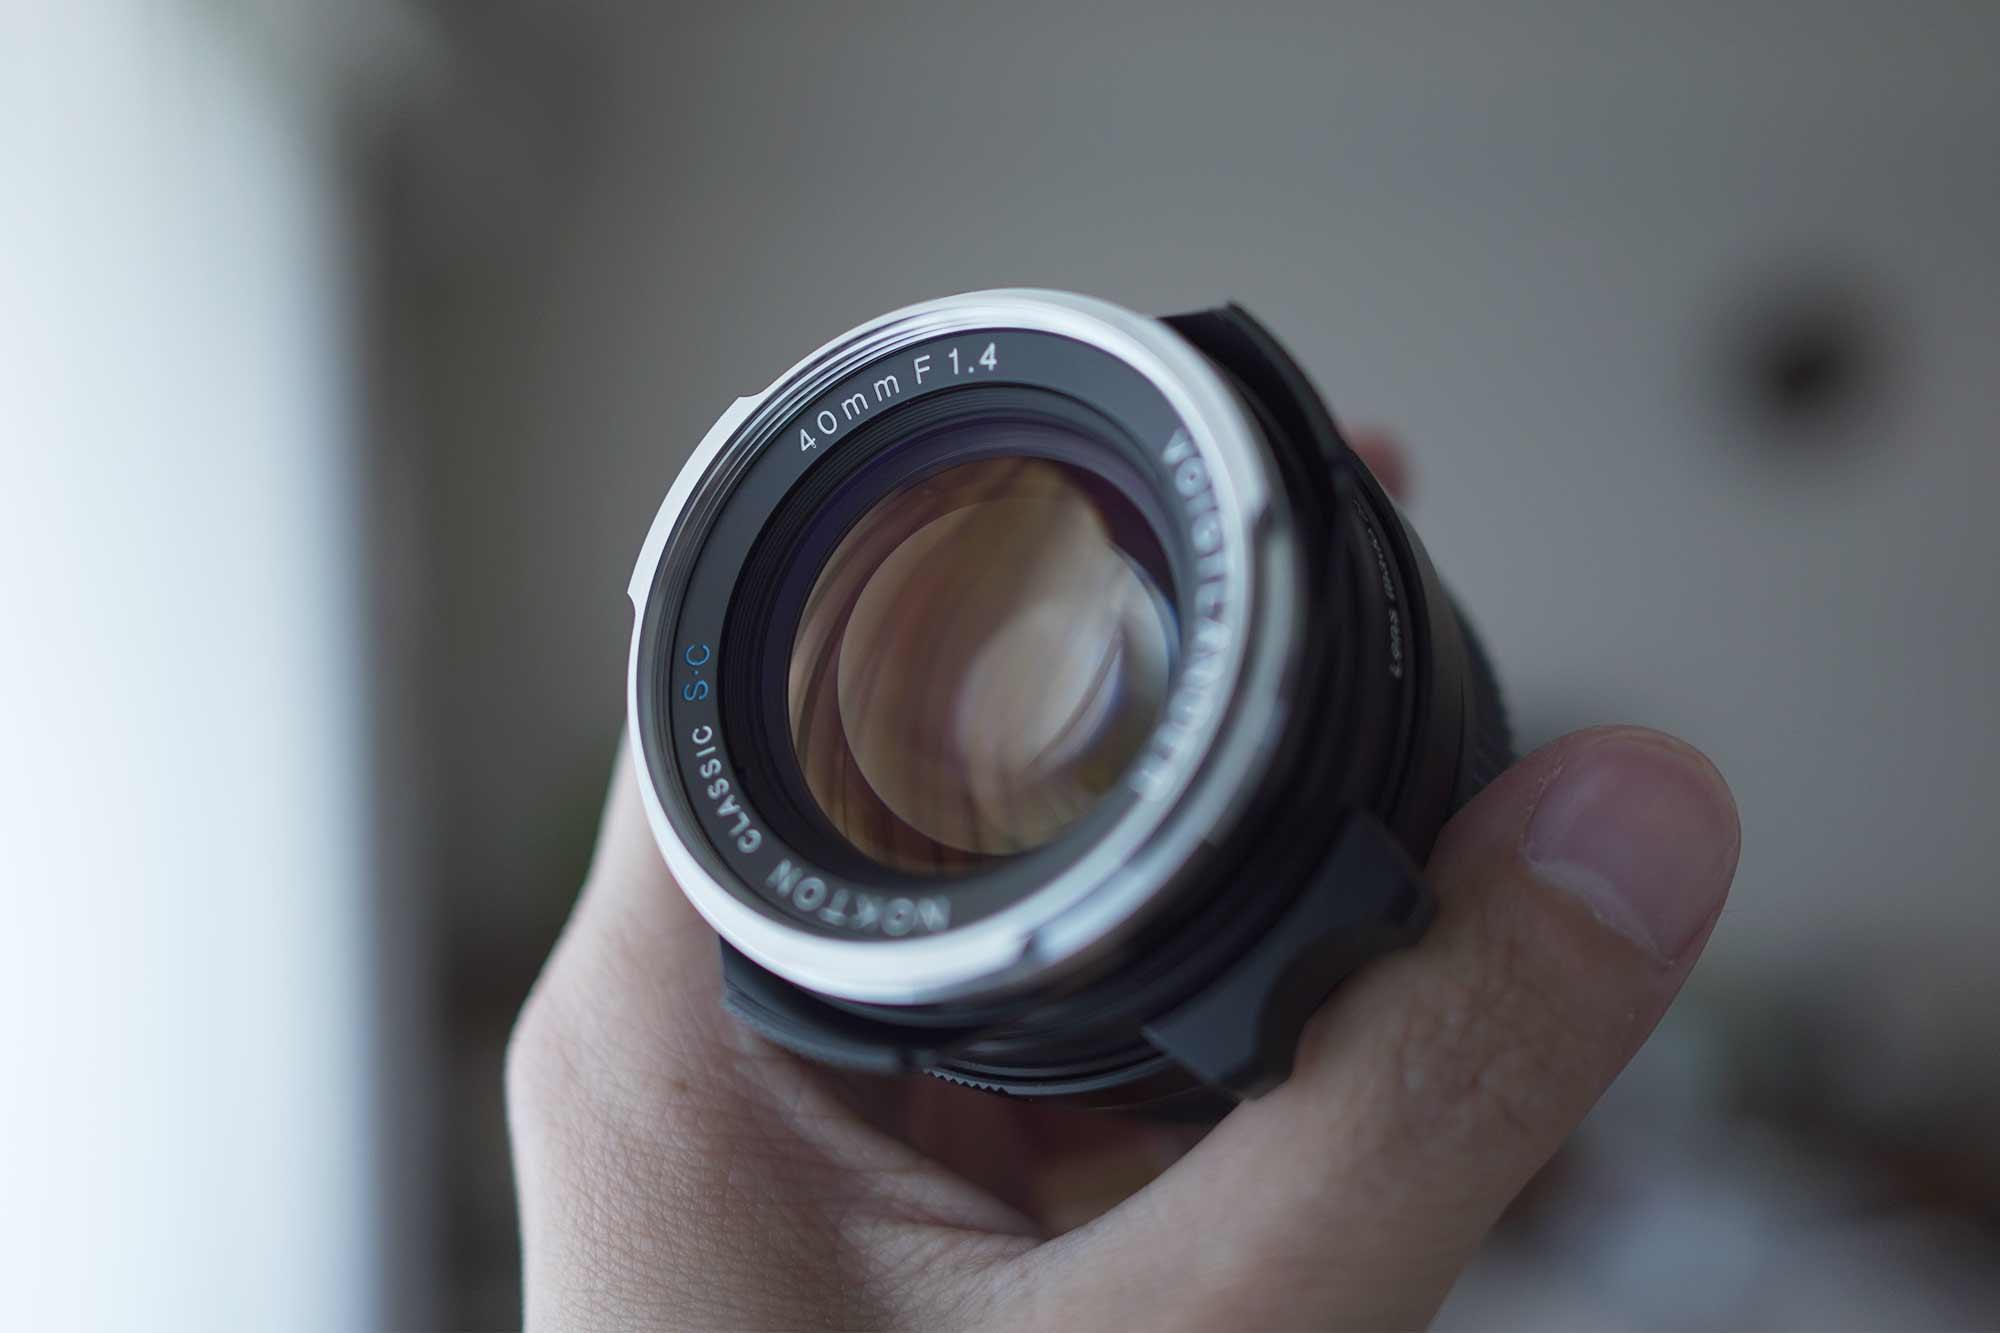 フォクトレンダー,カメラ,レンズ,クラシック,オールドレンズ,40mm,f1.4,前玉